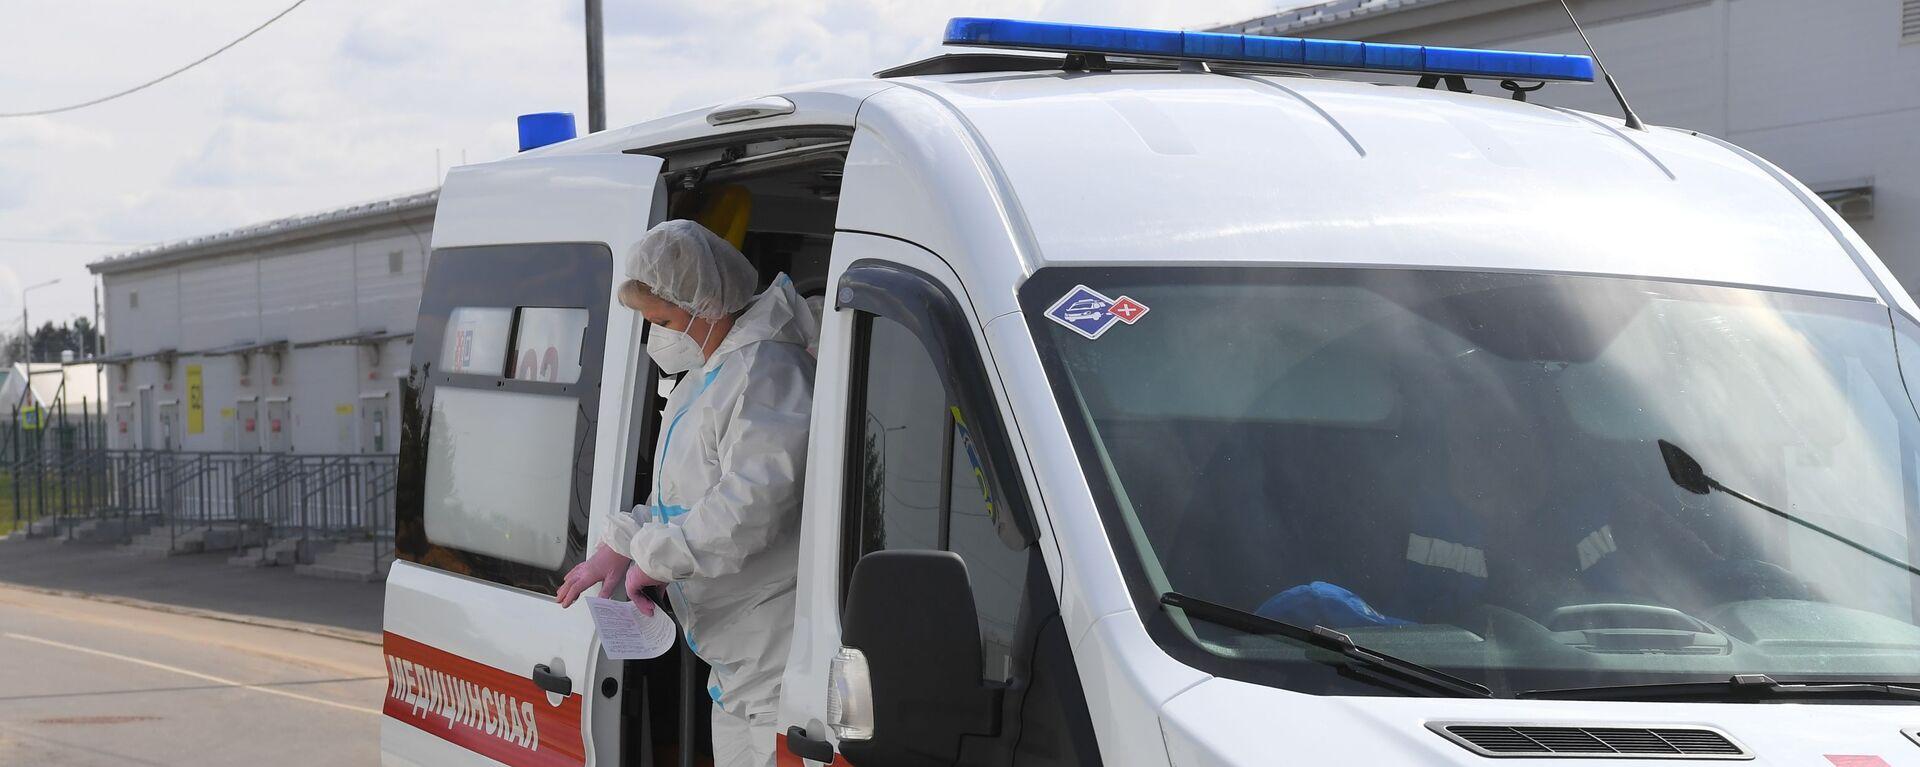 Медицинский работник выходит из салона скорой медицинской помощи - Sputnik Беларусь, 1920, 24.06.2021